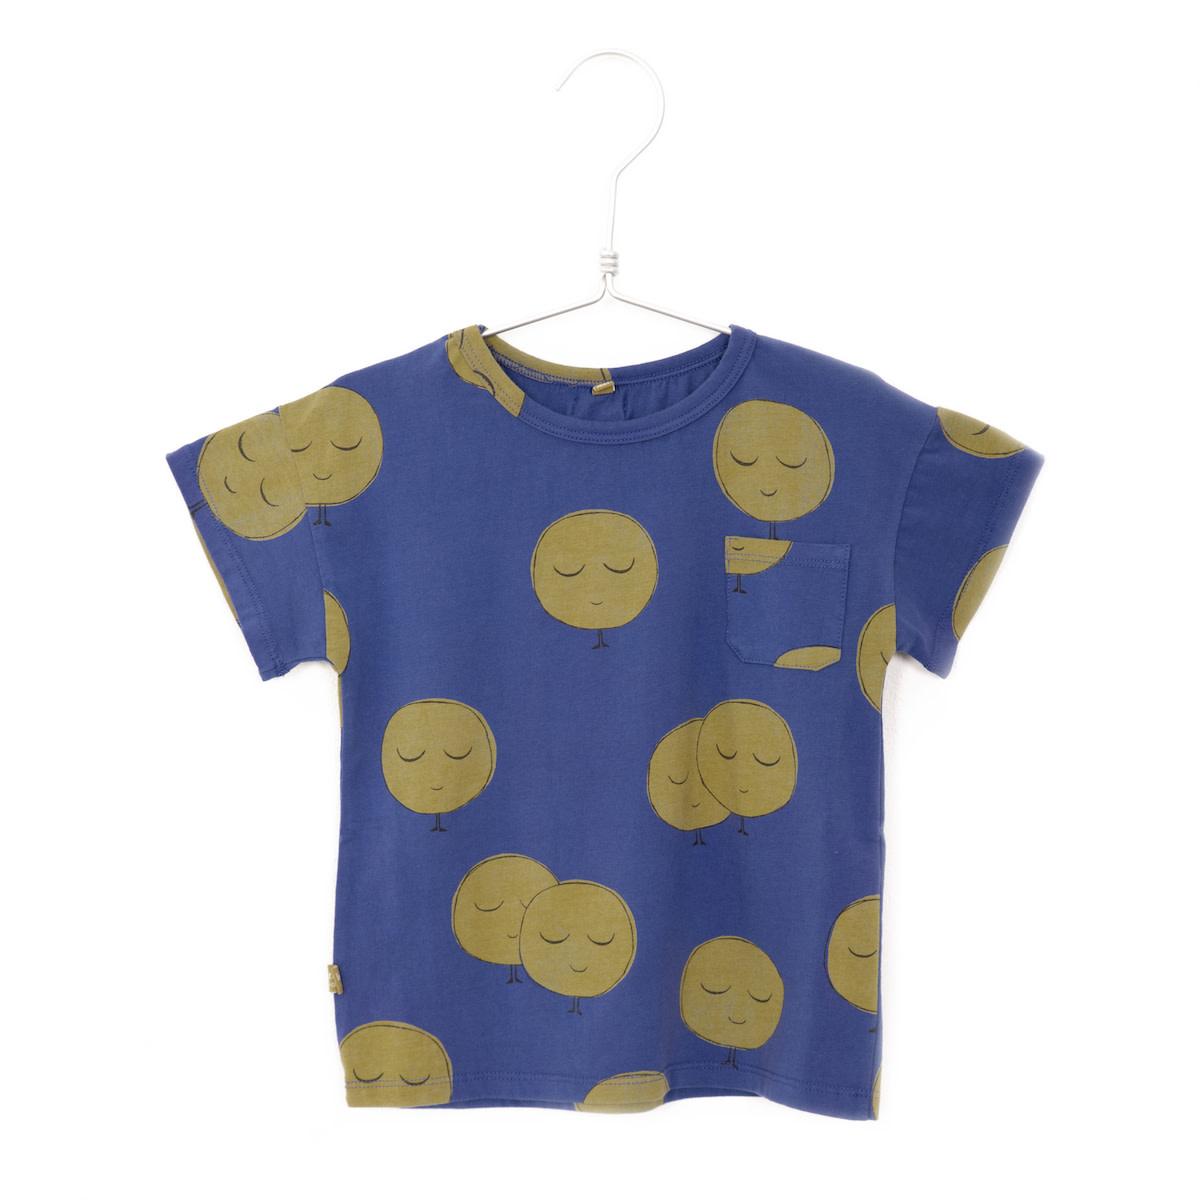 Lotiekids Lötiekids - T-shirt short sleeve moons indigo blue